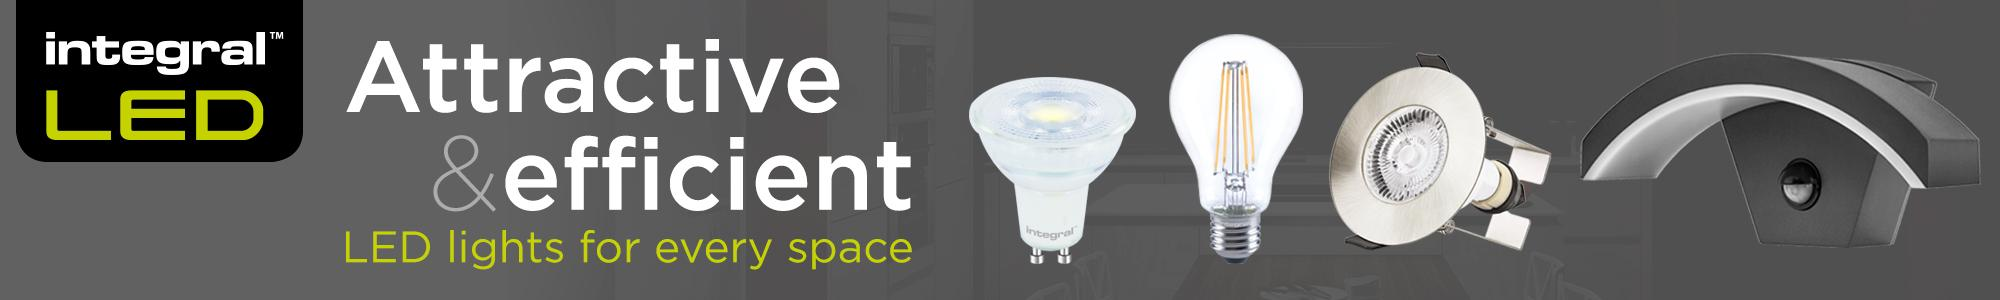 Integral LED Lighting